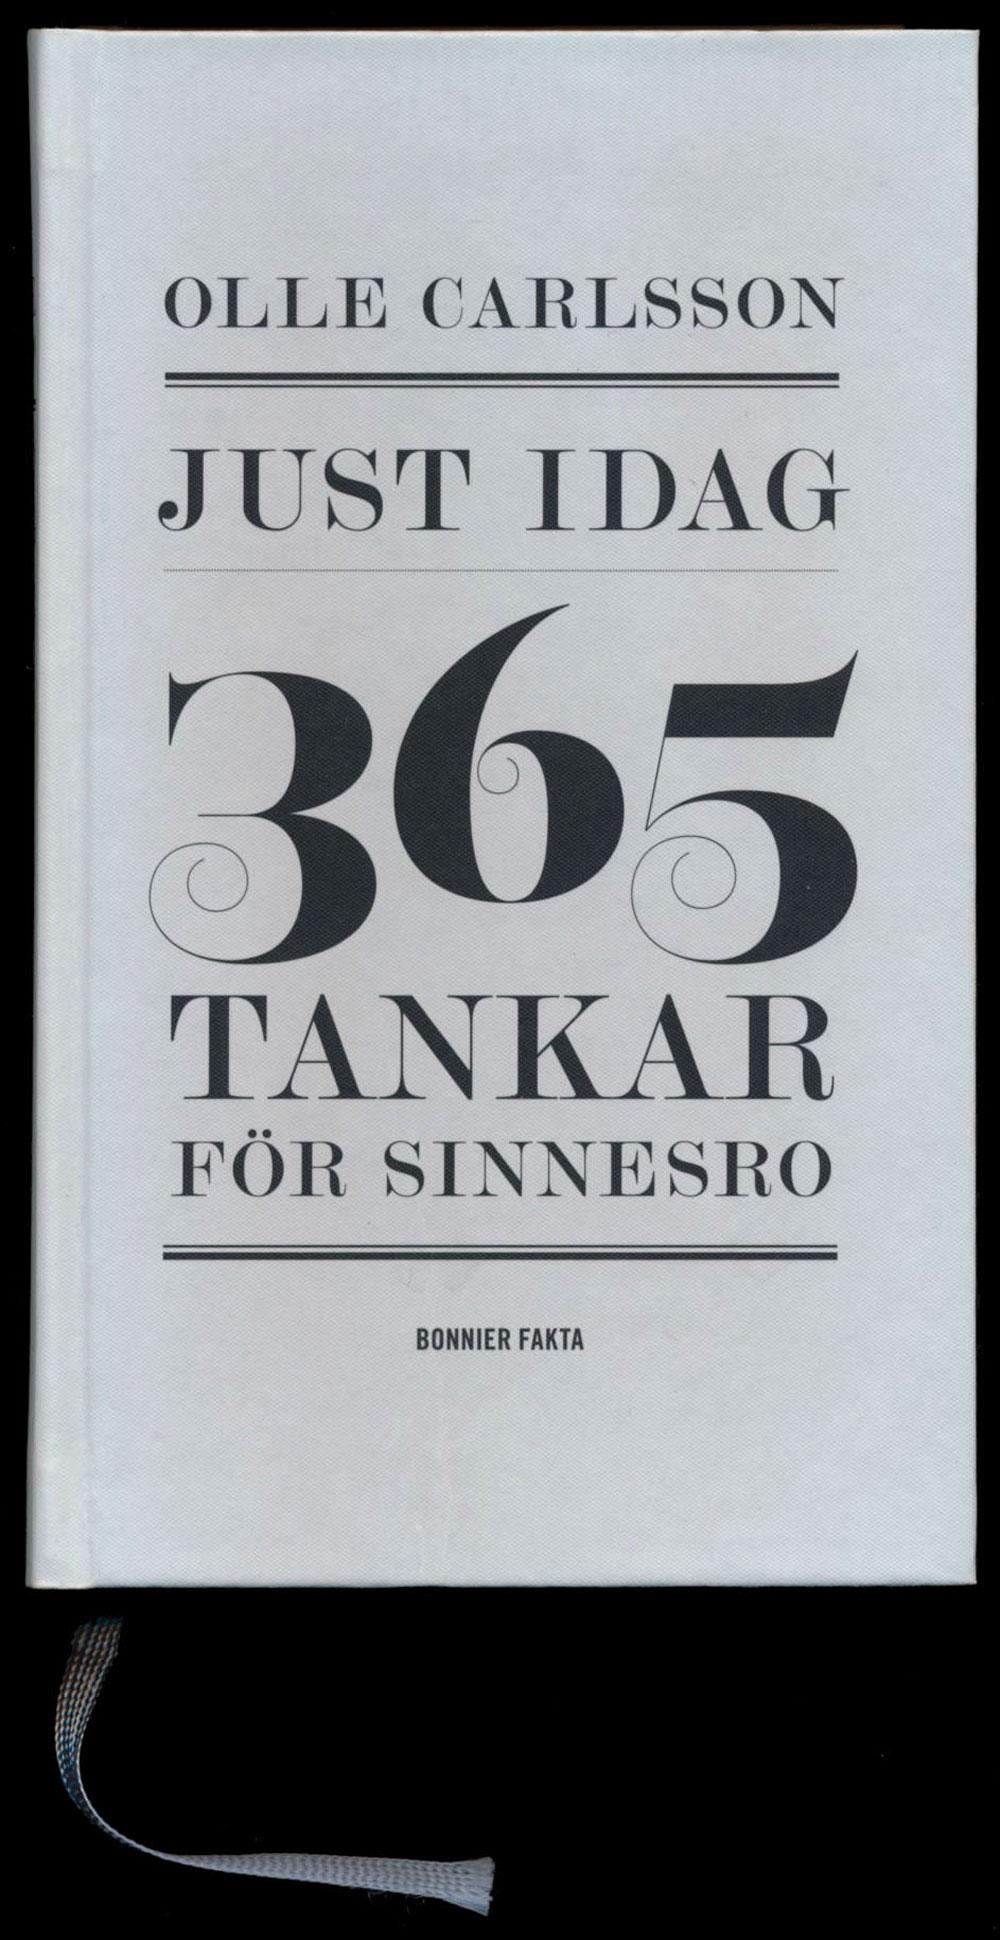 Olle Carlsson Just idag – 365 tankar för sinnesro